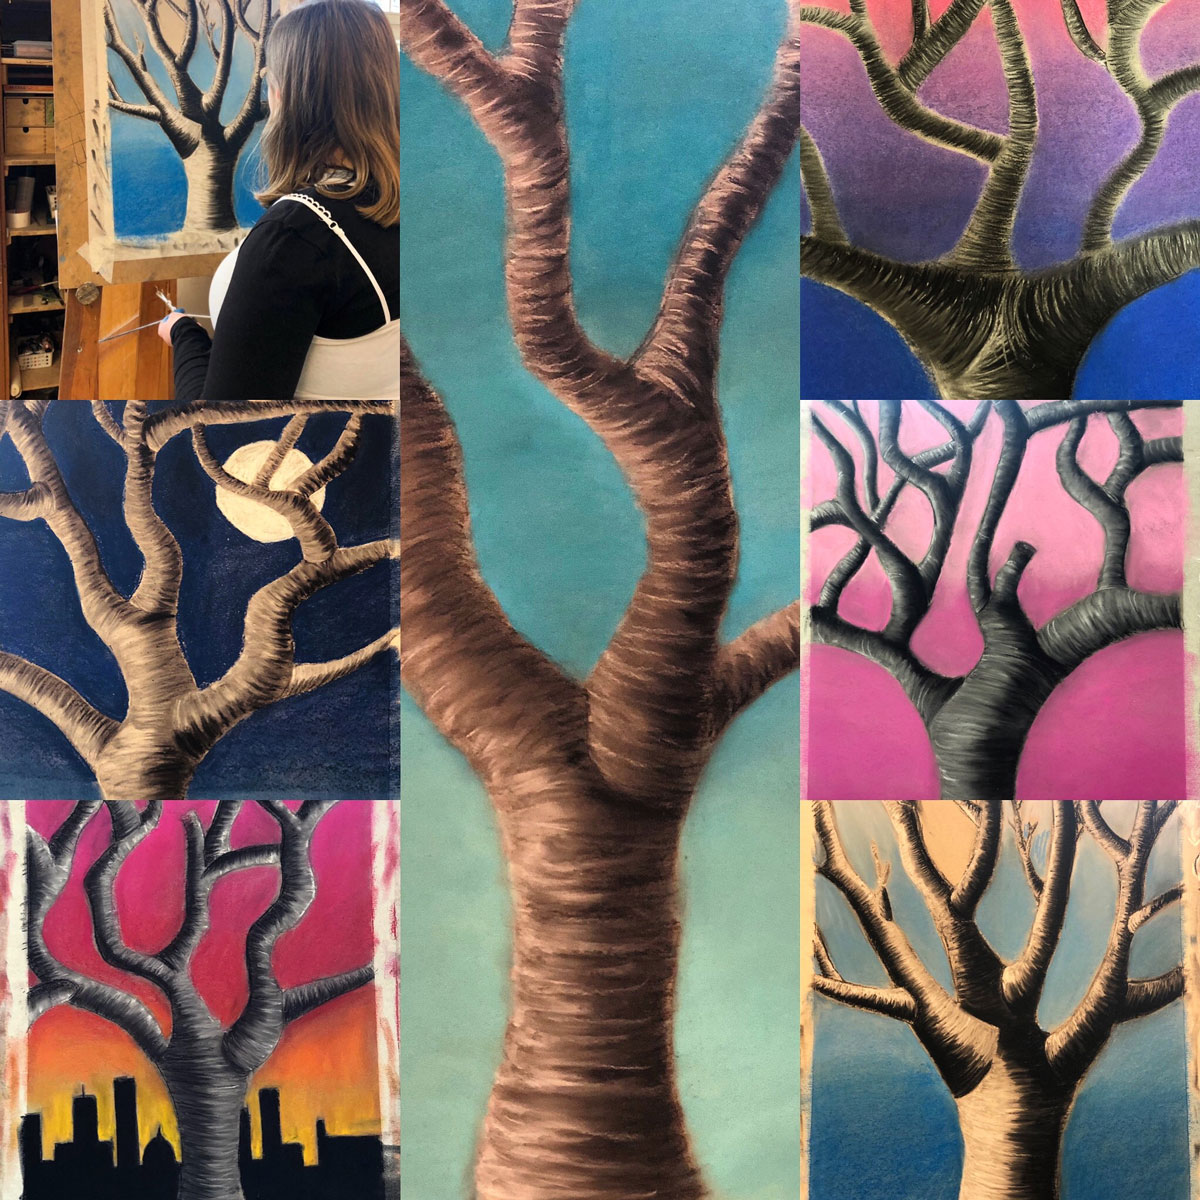 Die 9. Klasse zeigt Bilder aus dem Kunstunterricht